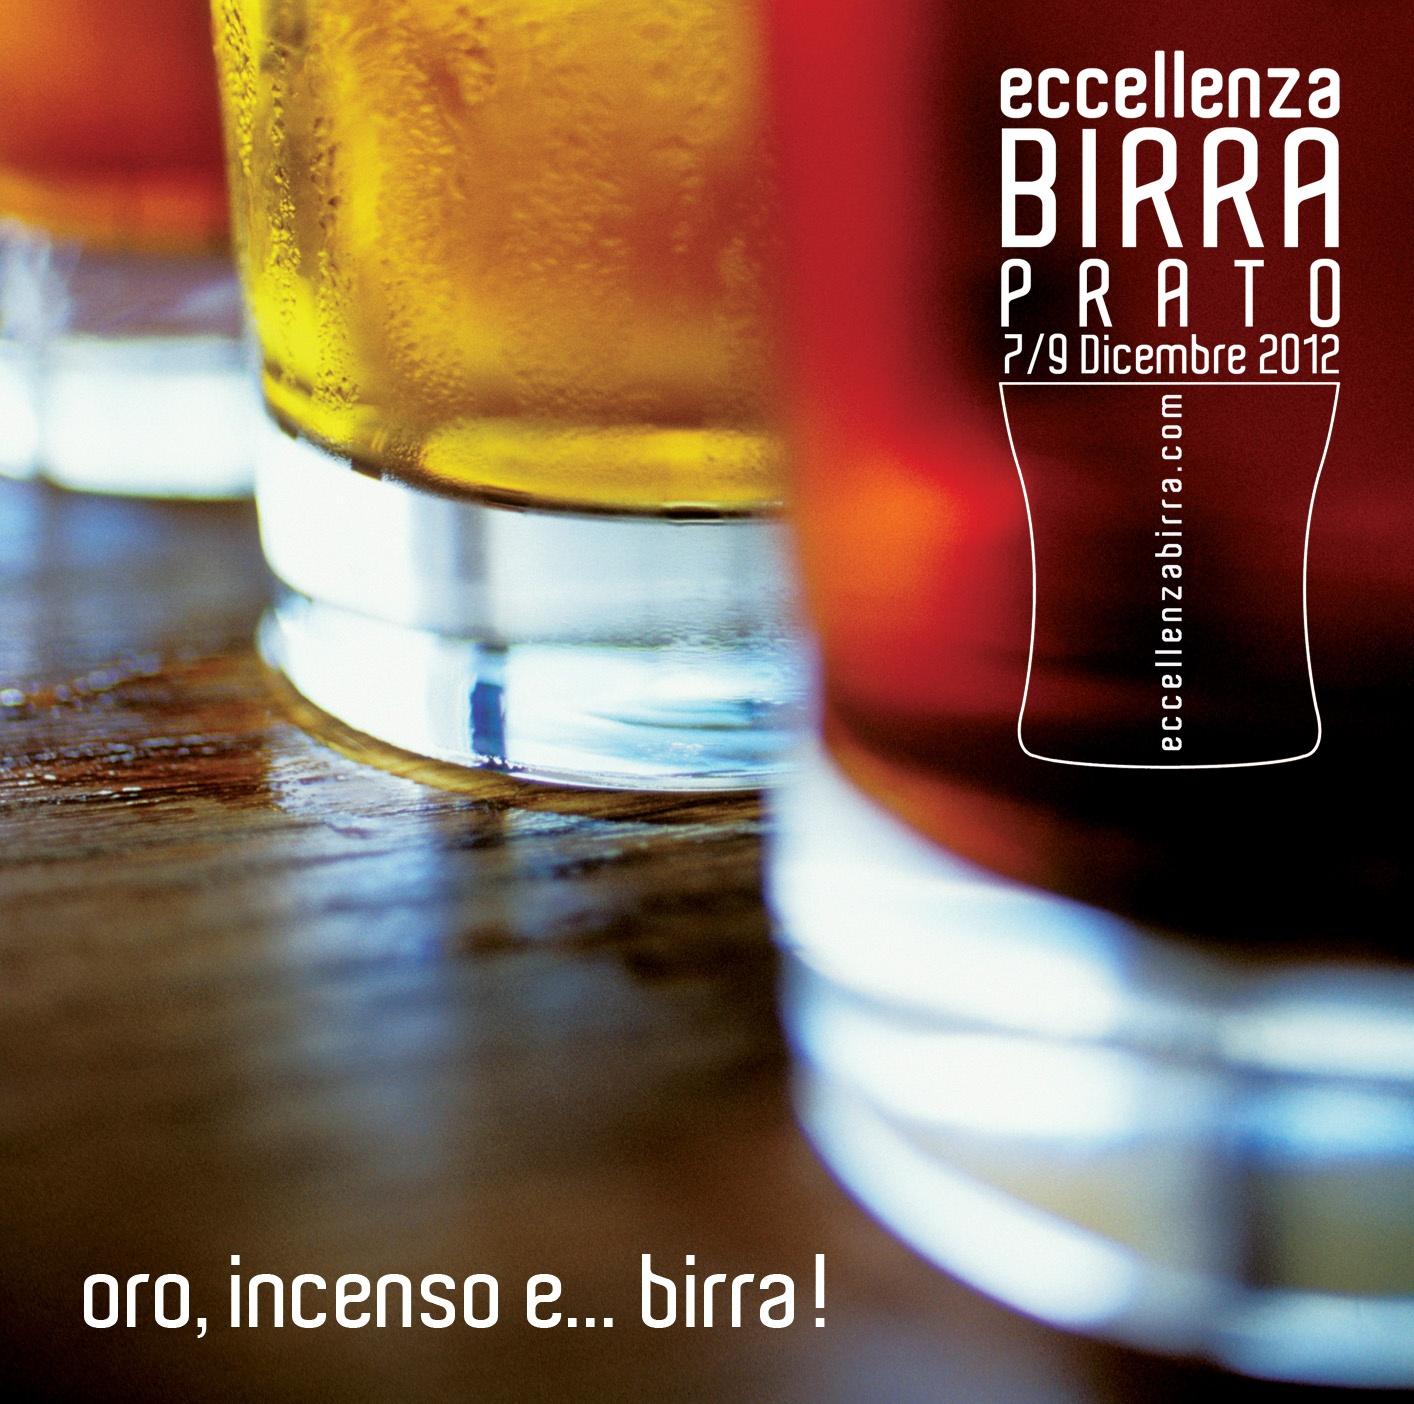 Eccellenza Birra